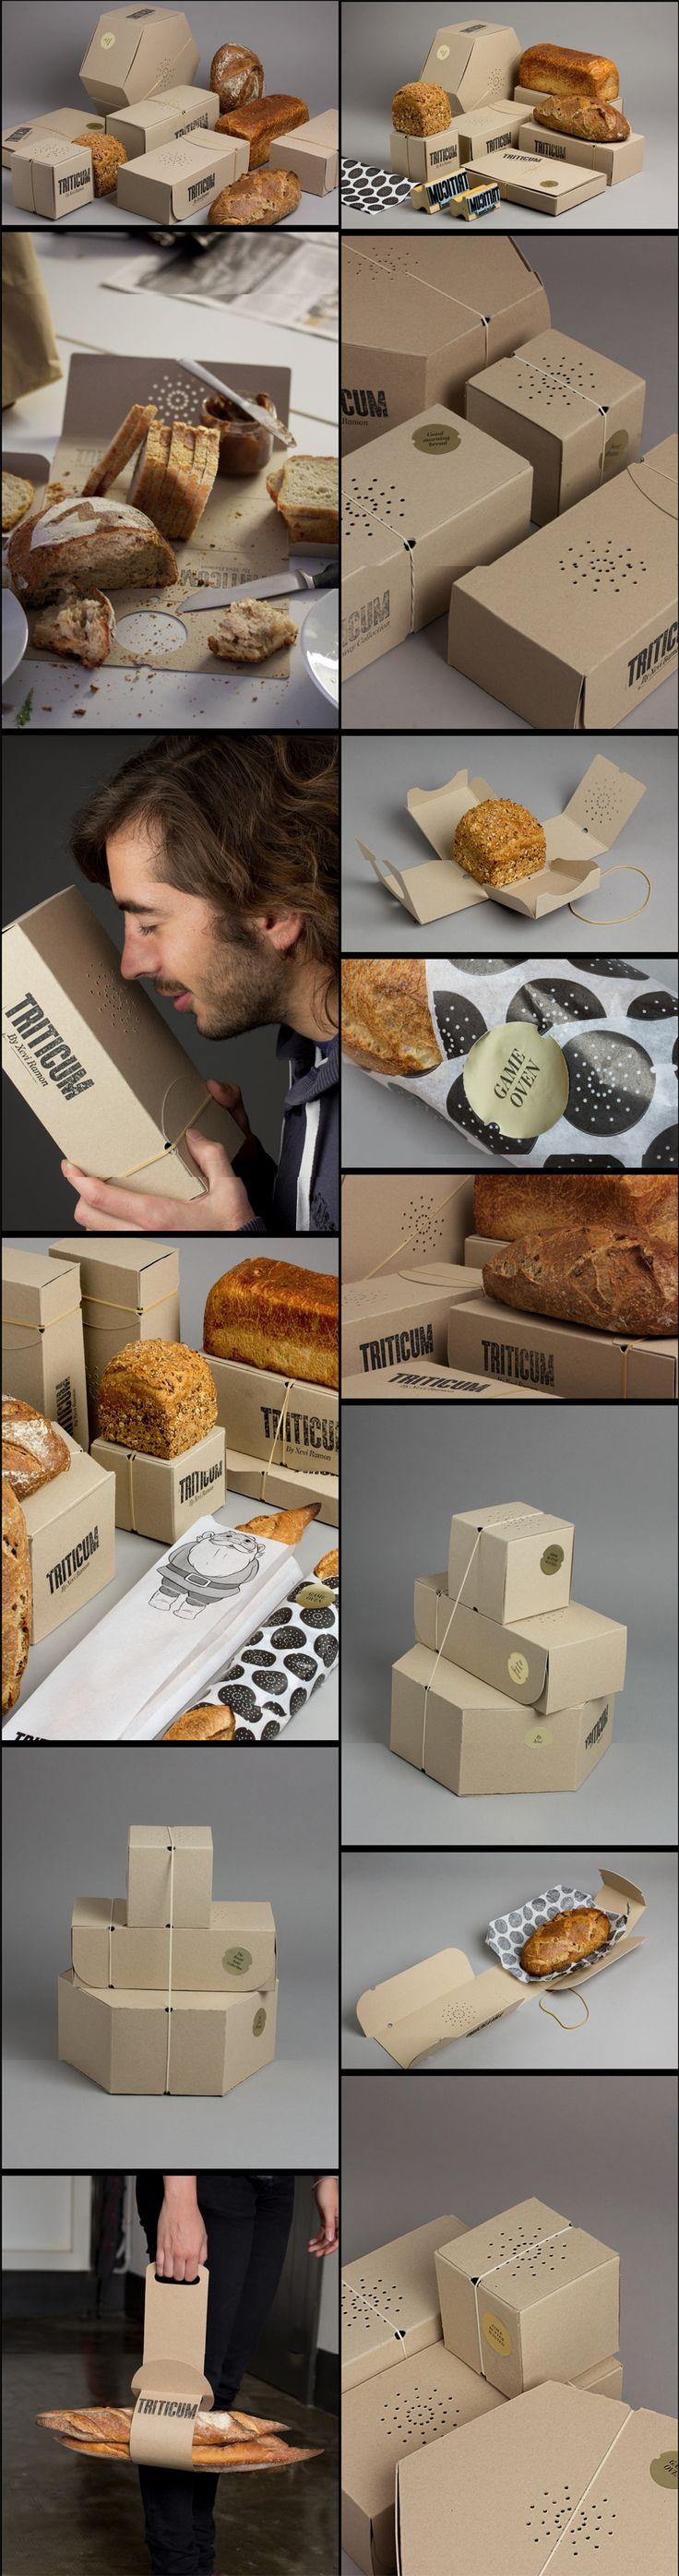 Triticum: empaquetado de pan, con diseño y preparado para poder olerlo